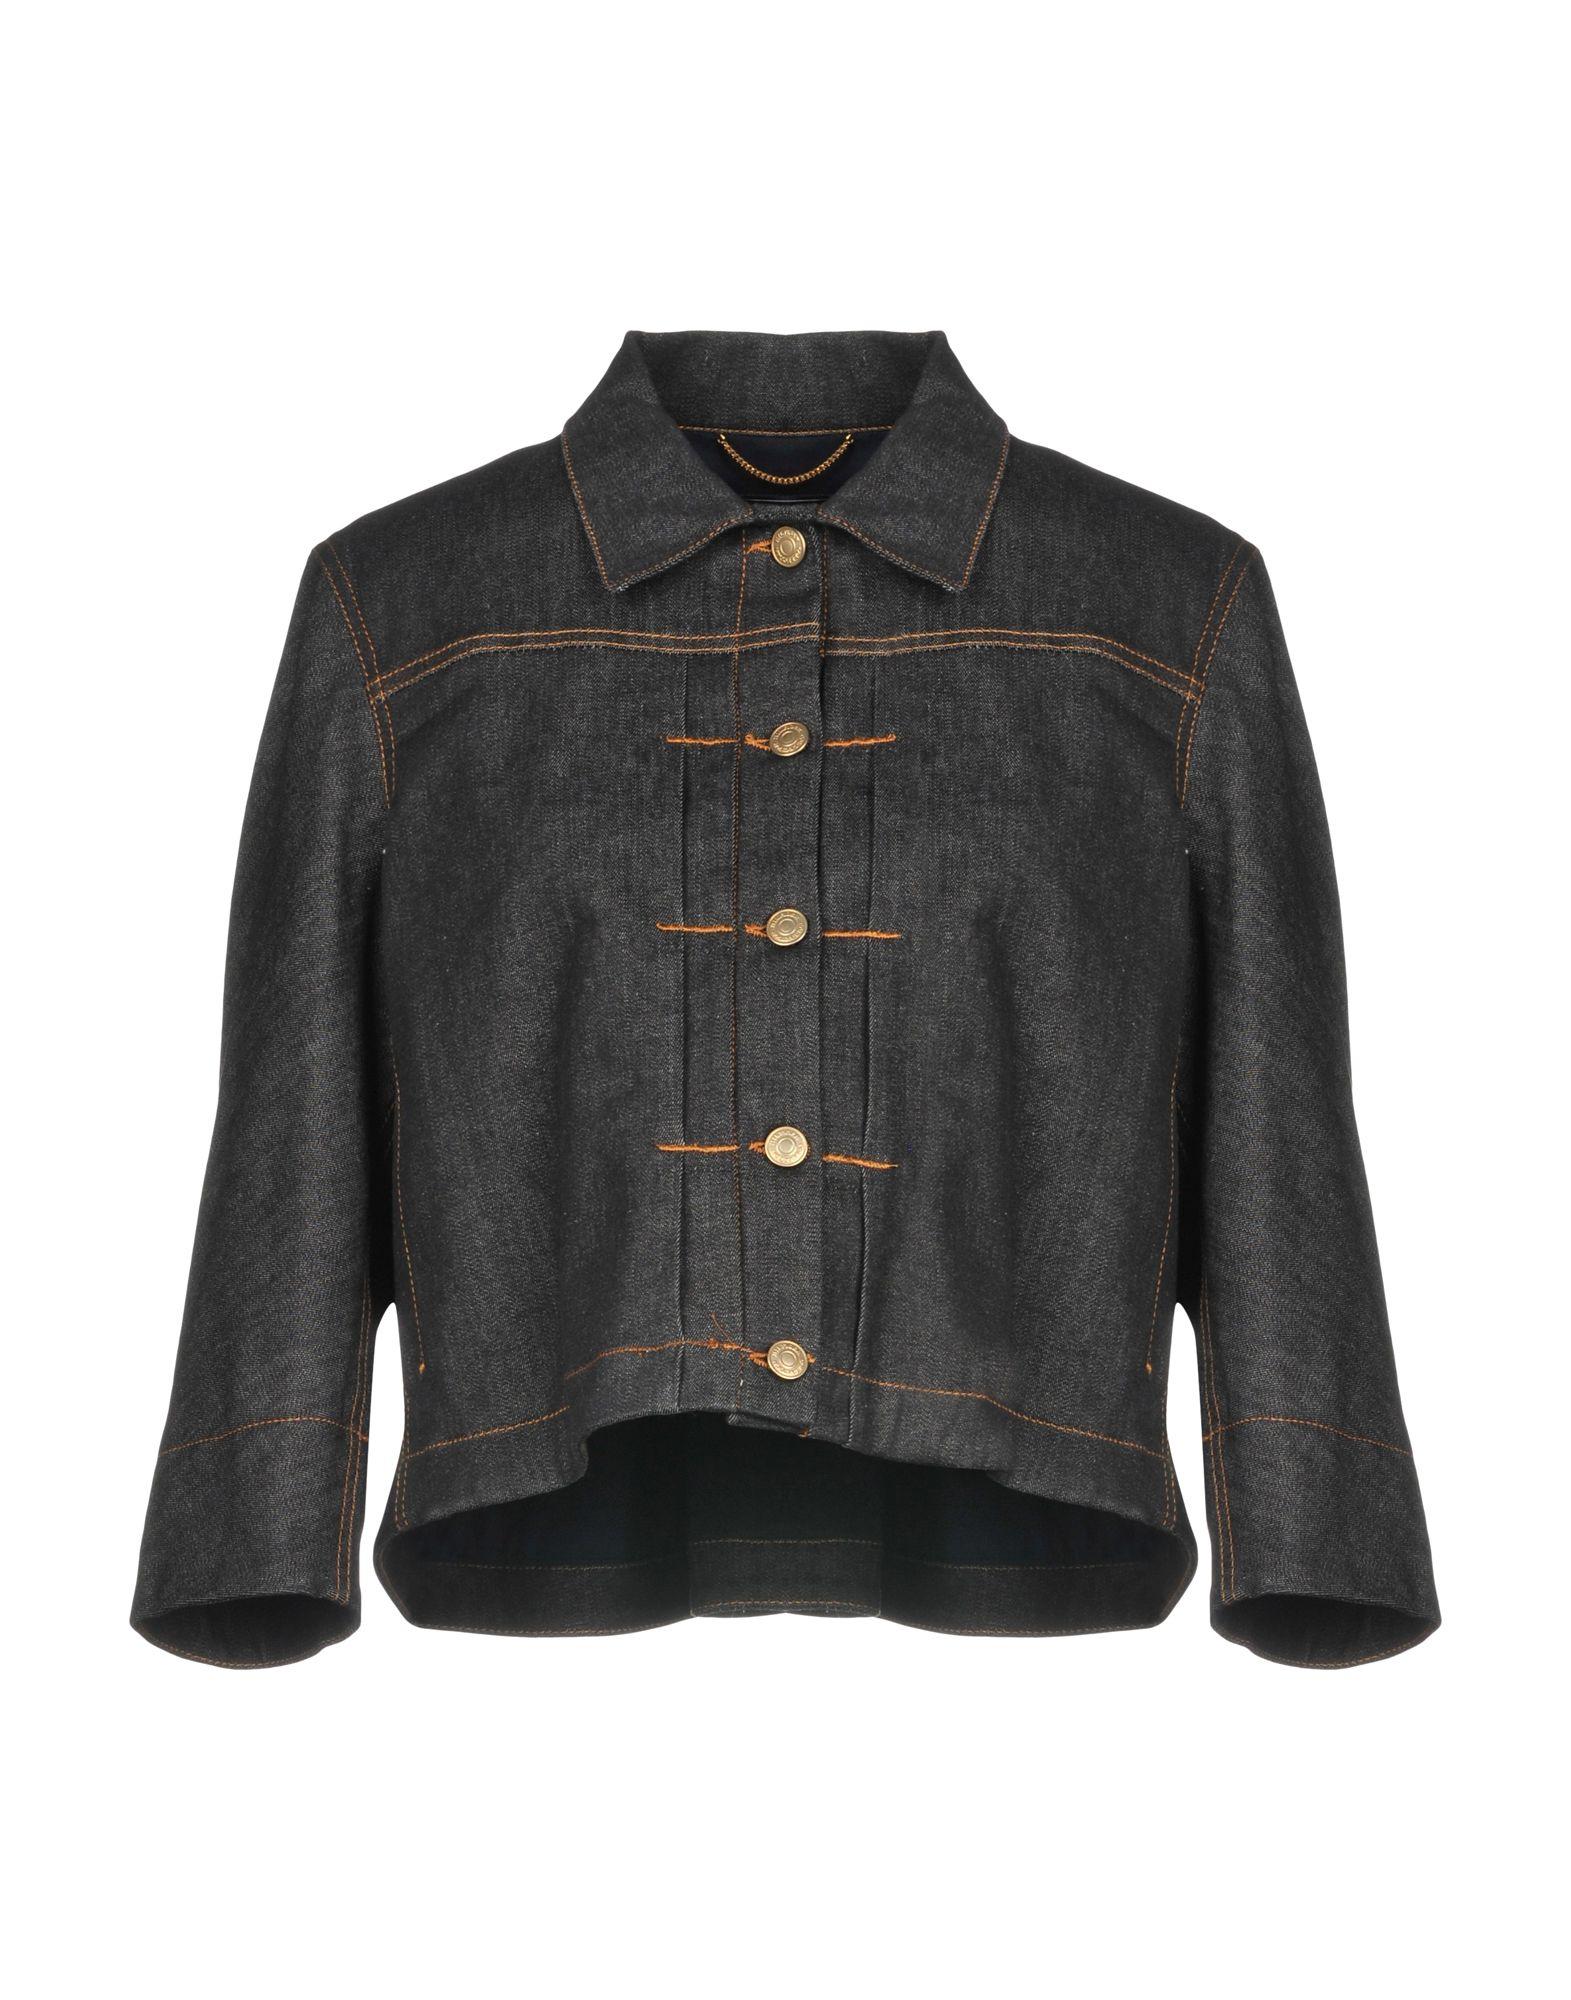 HILFIGER COLLECTION Джинсовая верхняя одежда брендовая одежда